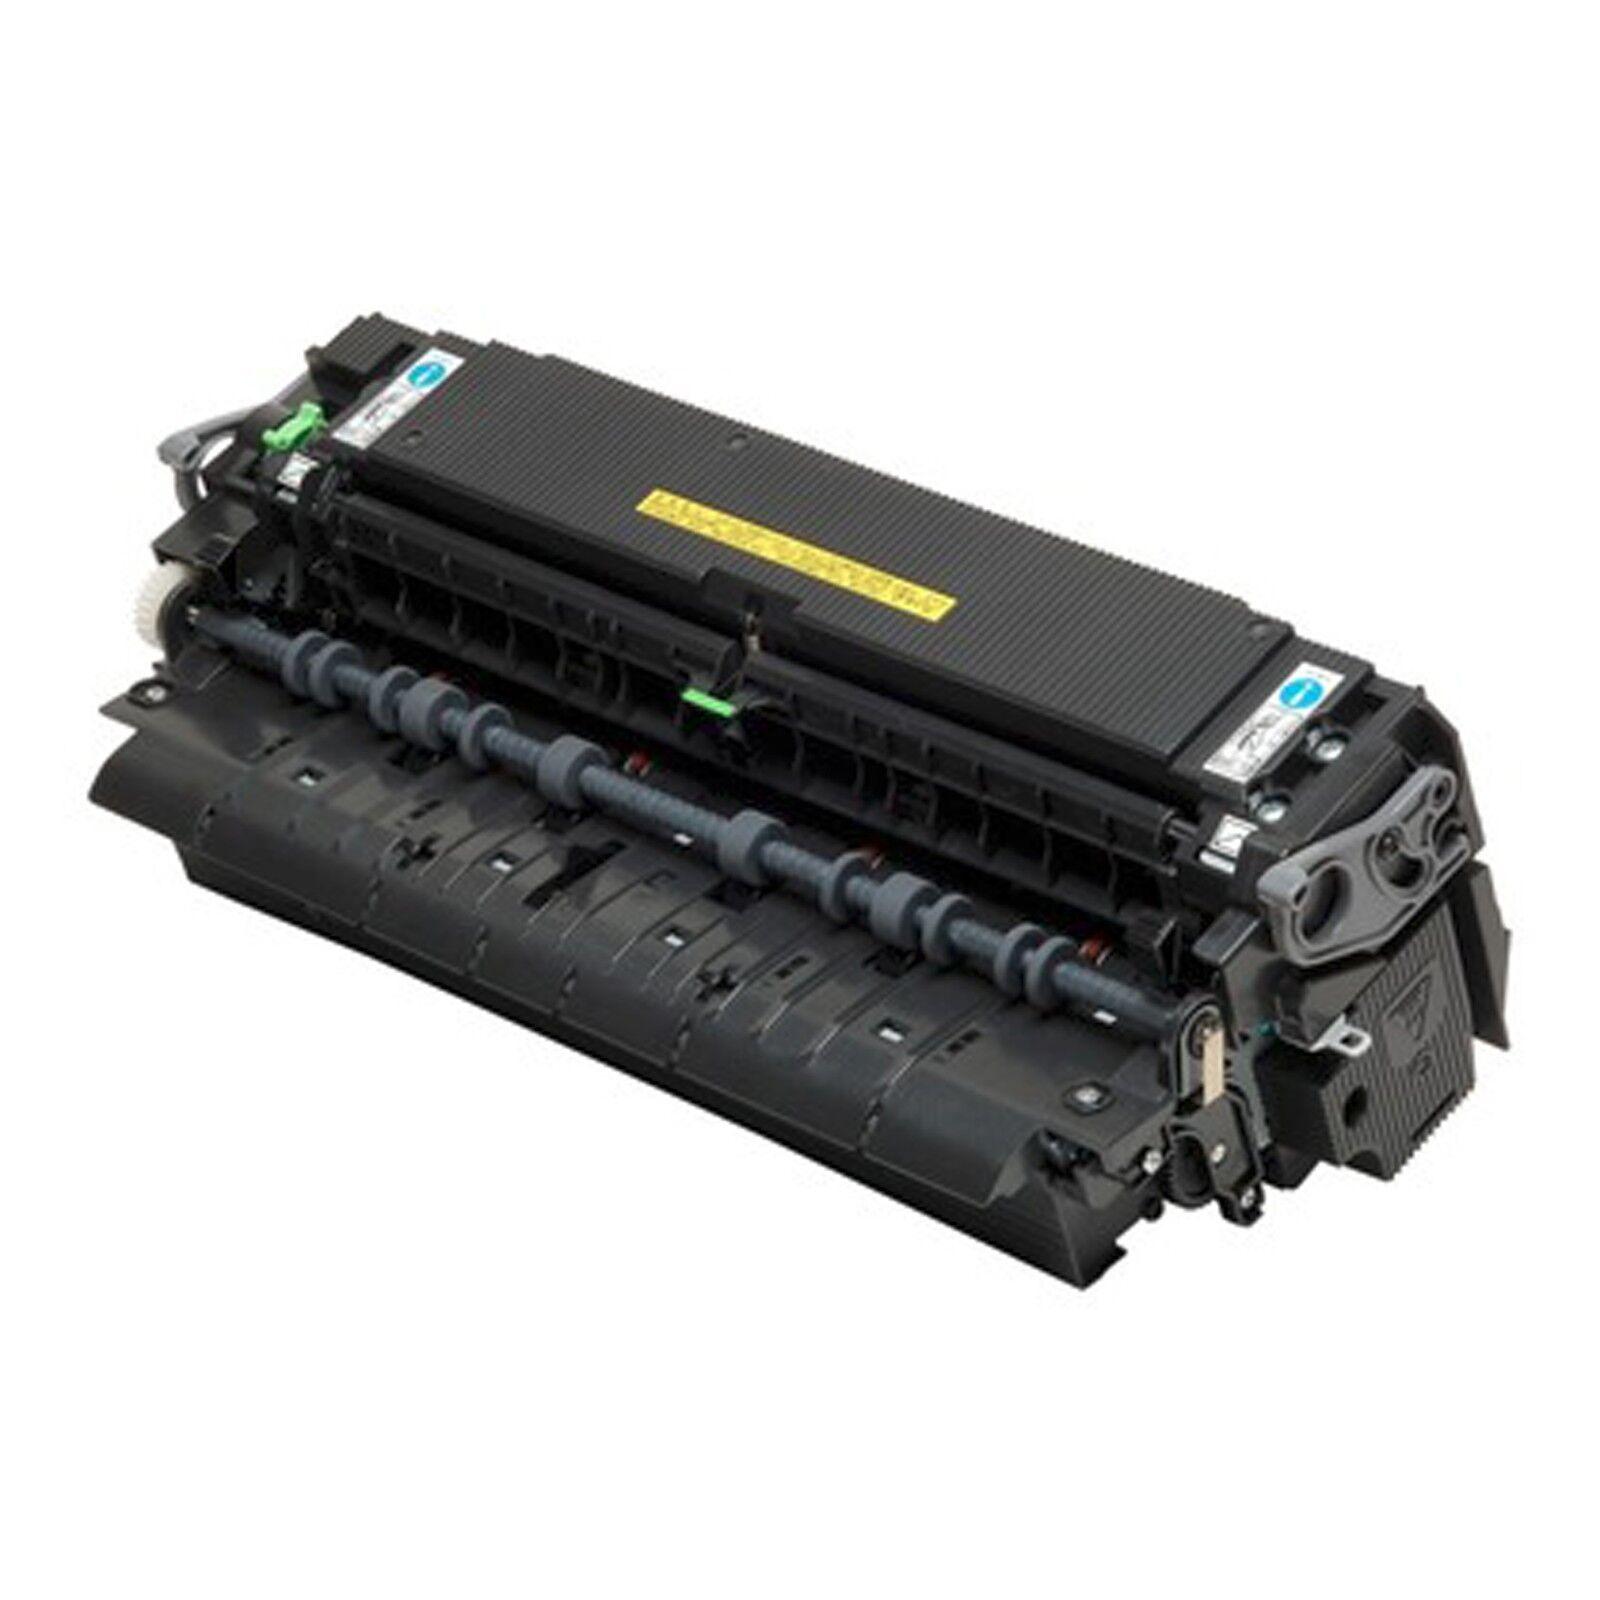 Sharp MX-M503U MX-M503N MX-M453U Fuser Unit - 110 - 120 Volt  DUNTW8279DSZZ